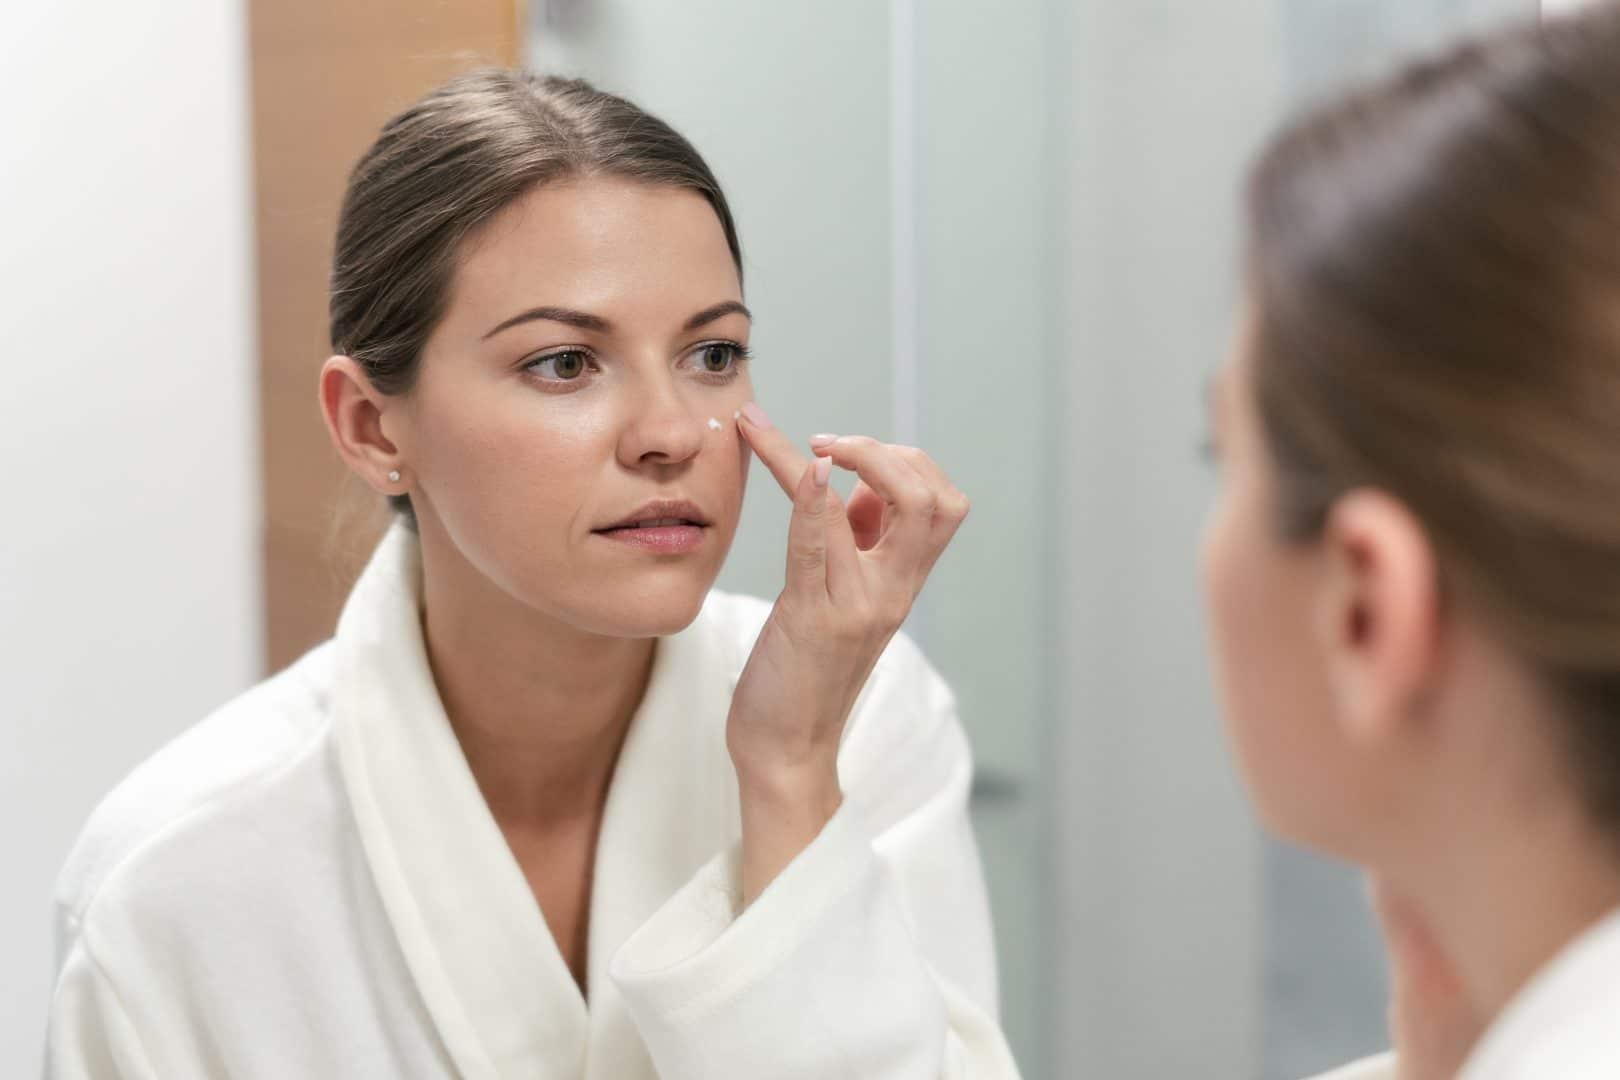 Fjern bumser og uren hud effektivt - Simpel guide